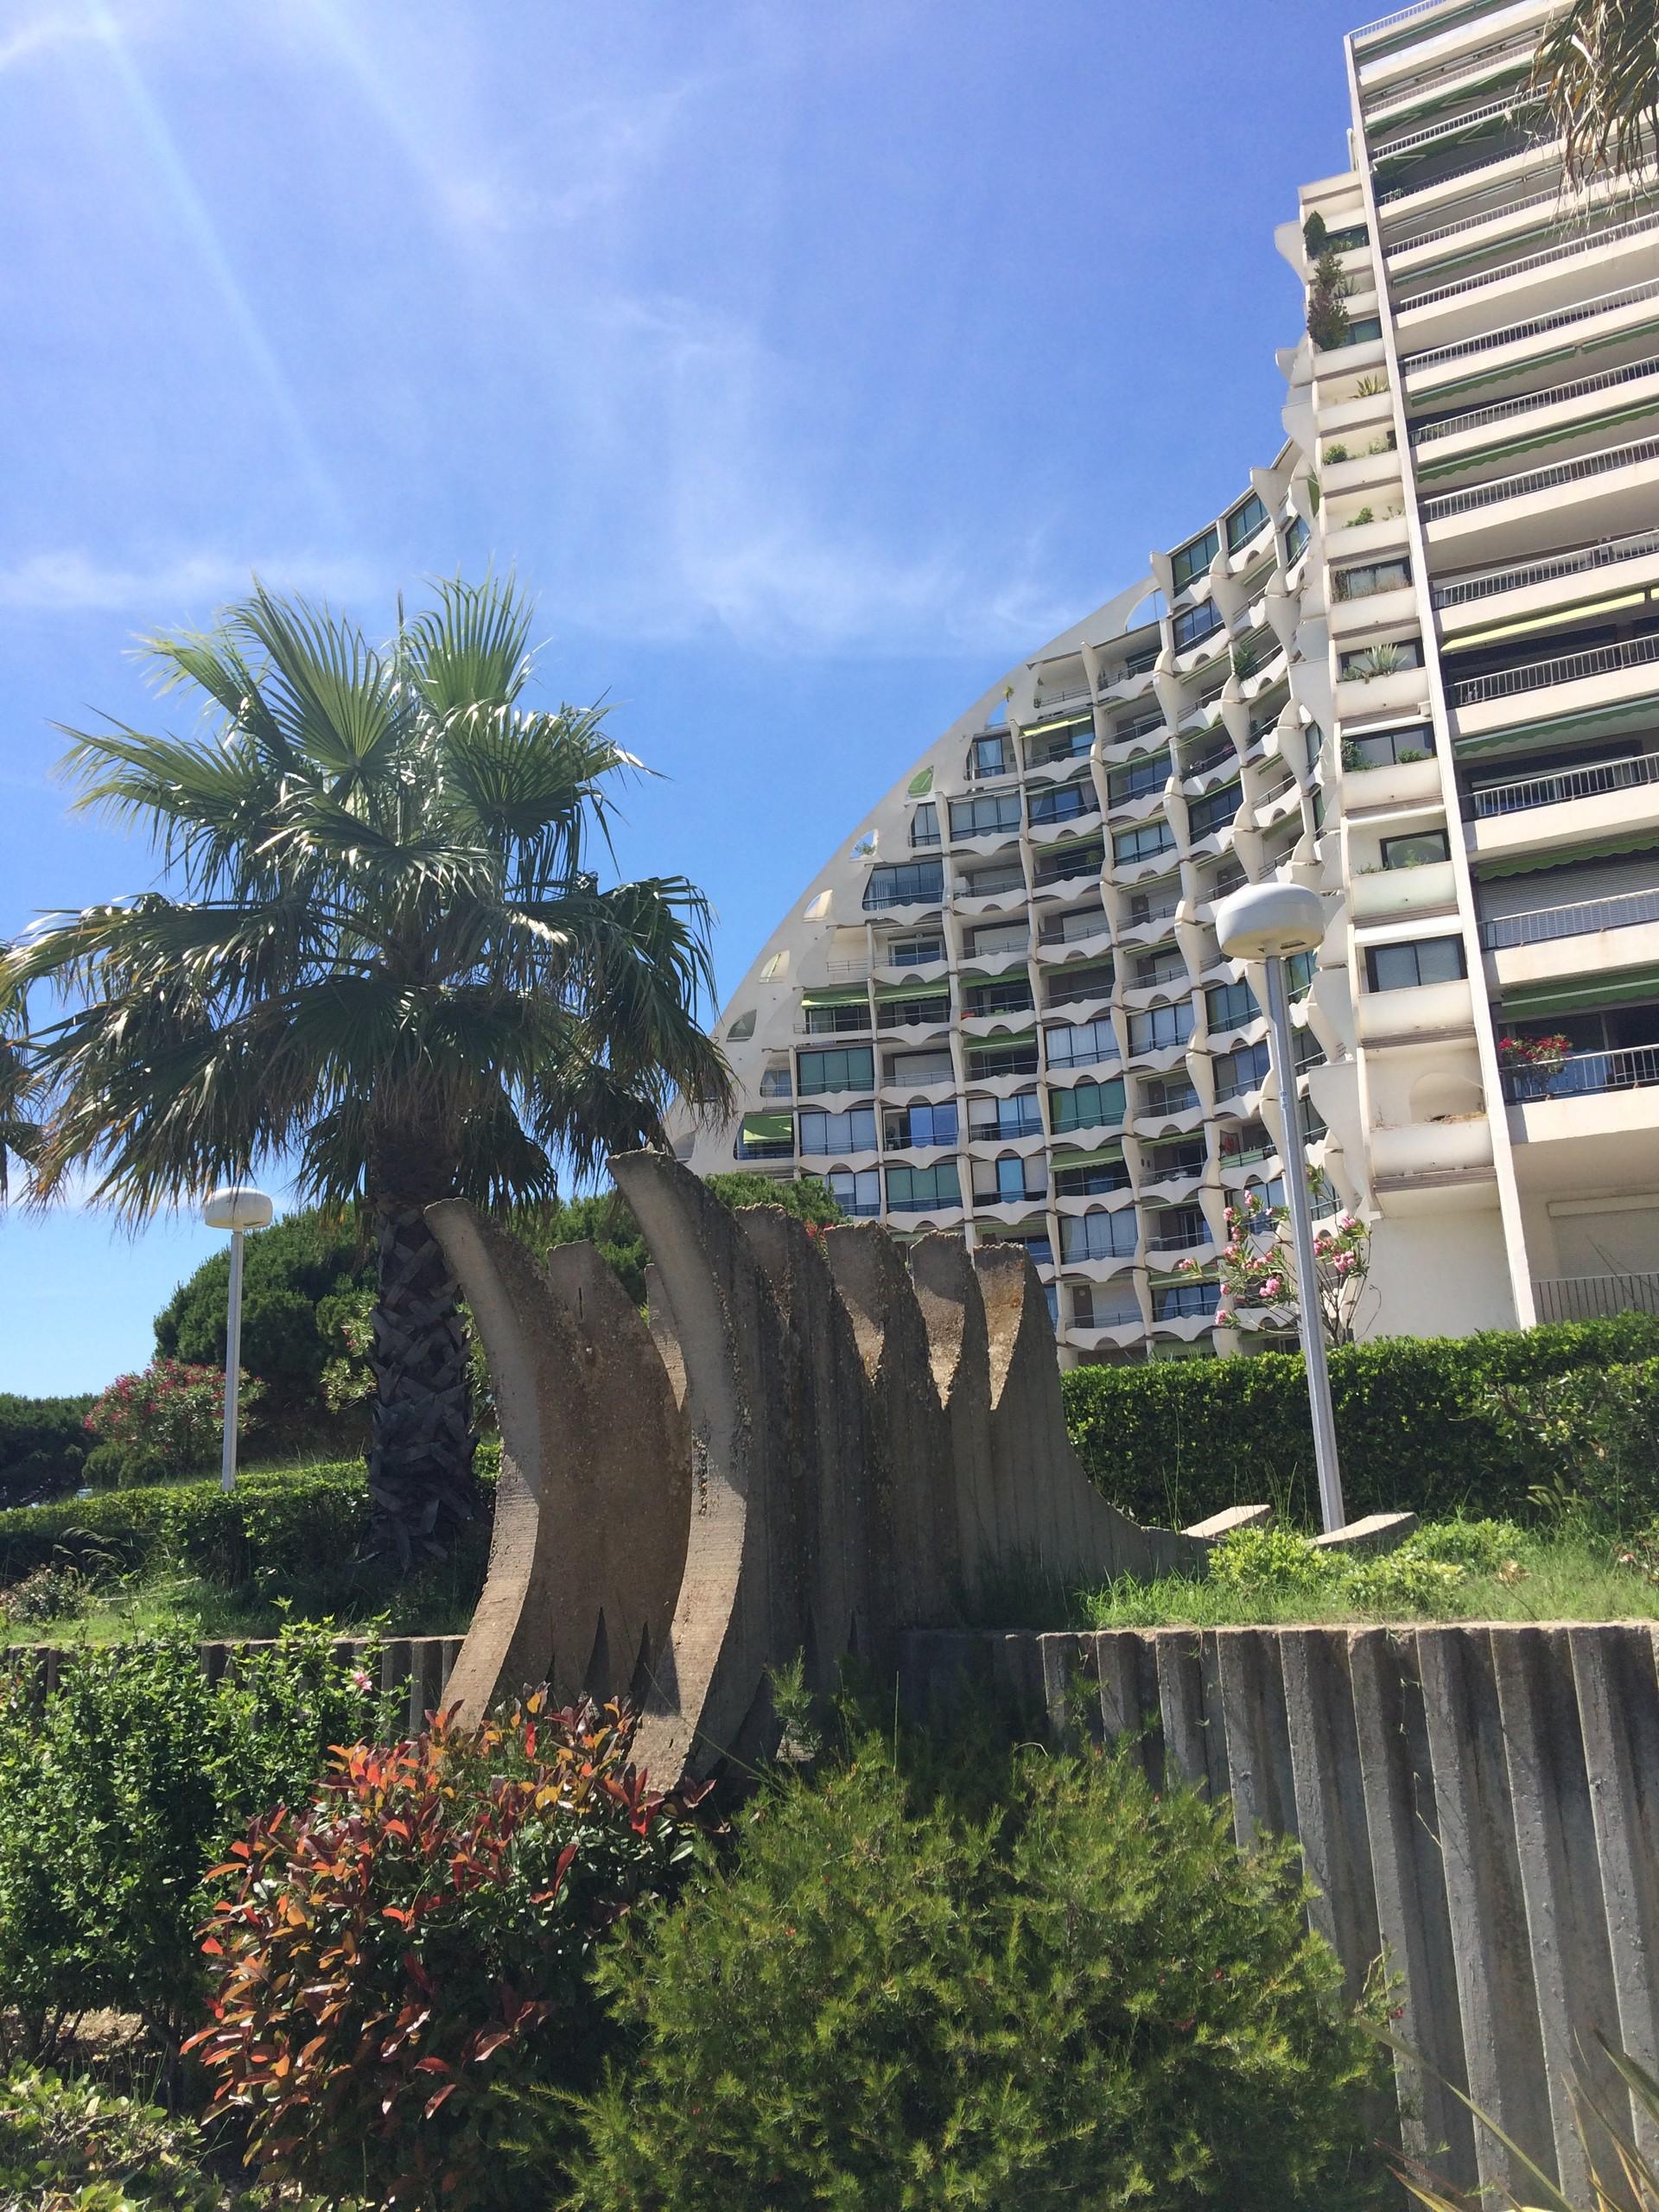 La ciudad de Montpellier